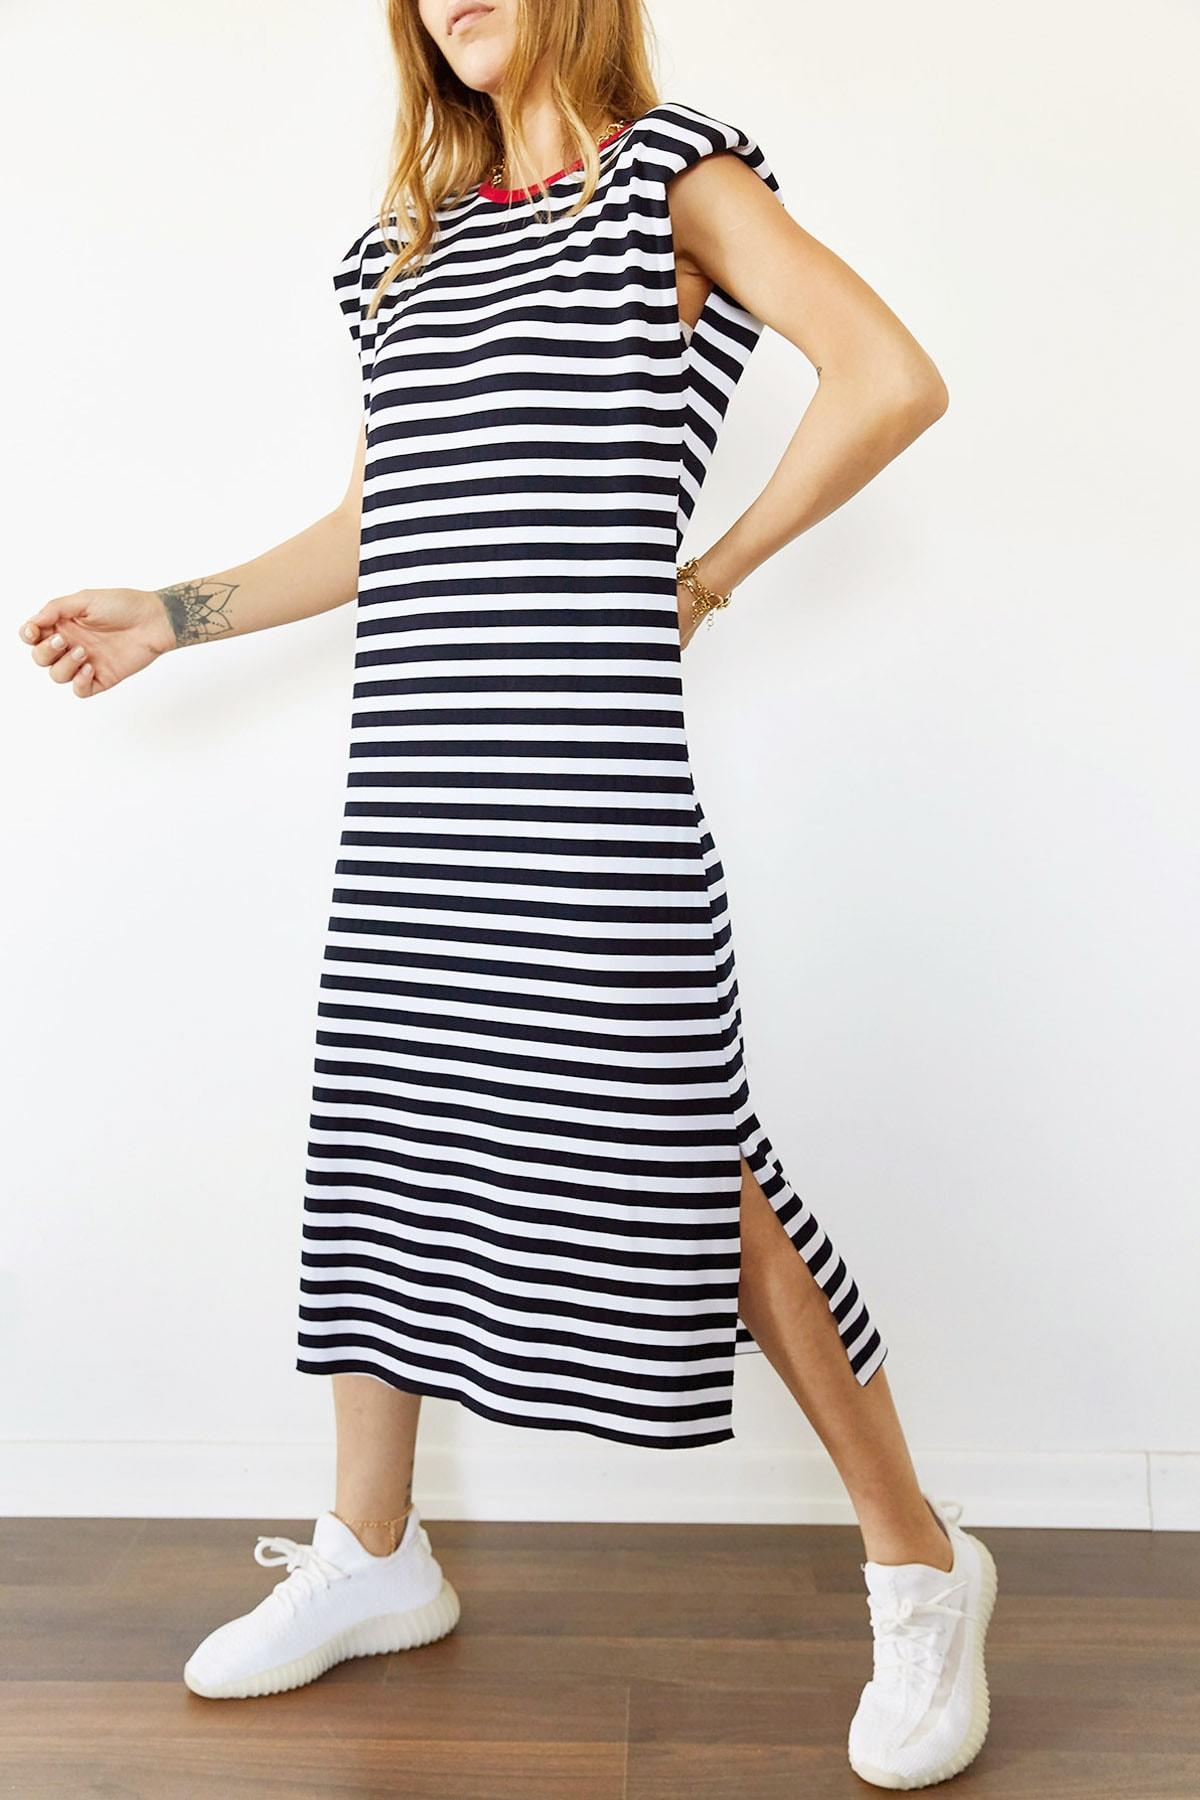 Xhan Kadın Siyah & Beyaz Vatkalı Çizgili Yanı Yırtmaçlı Elbise 0YXK6-43950-02 8699443950021